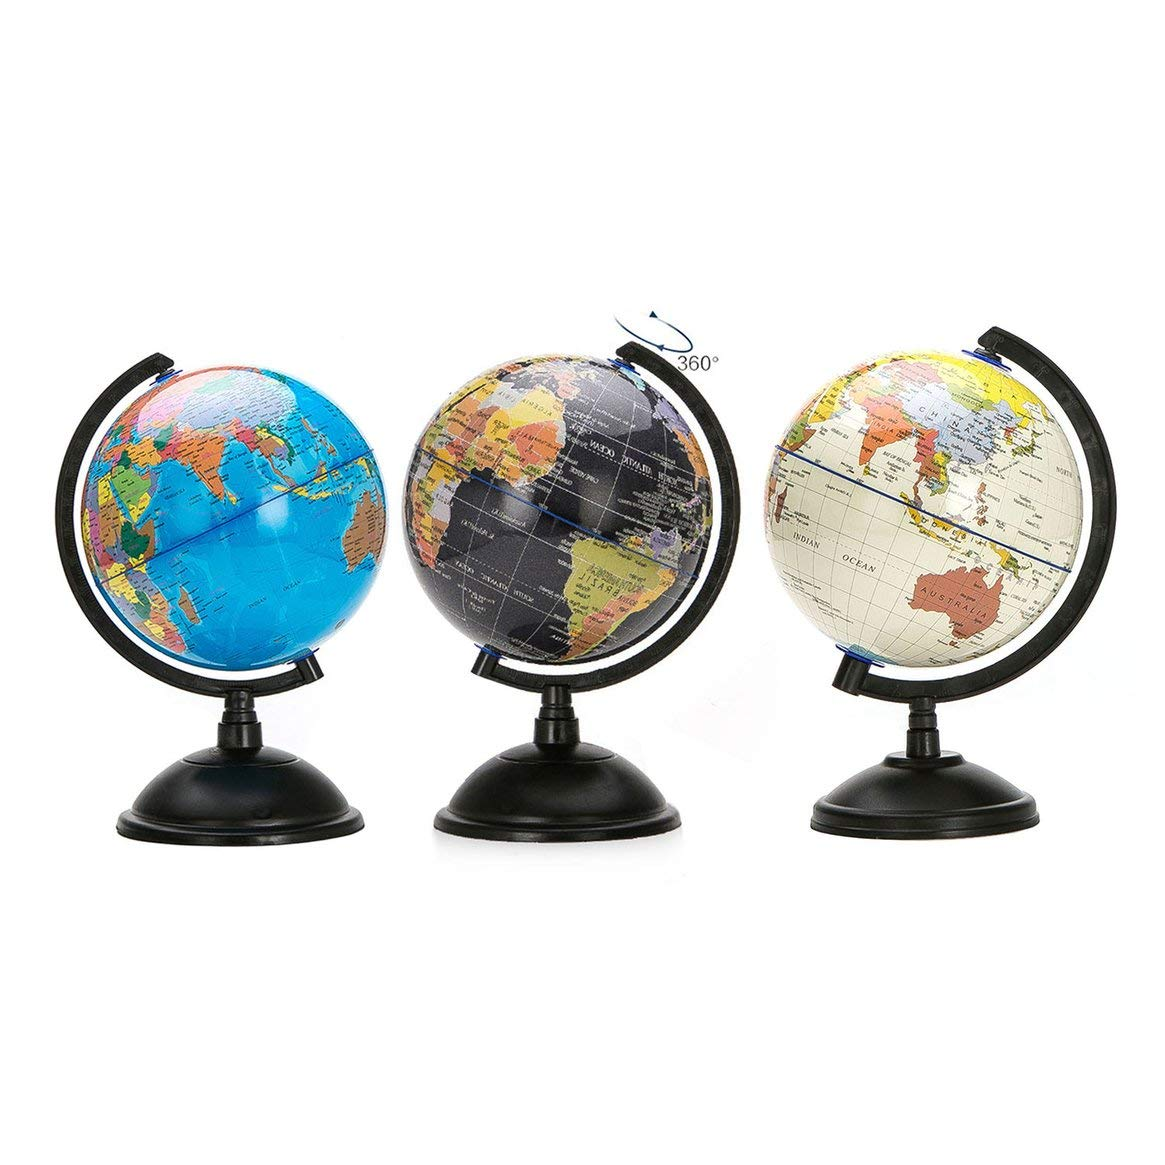 Ressources Pour Les Programmes Bleu 20cm Blue Ocean World Carte Globe Terrestre Avec Support Pivotant Jouet Educatif Geographie Ameliorer La Connaissance De La Terre Et La Geographie Commerce Industrie Et Science Hotelaomori Co Jp